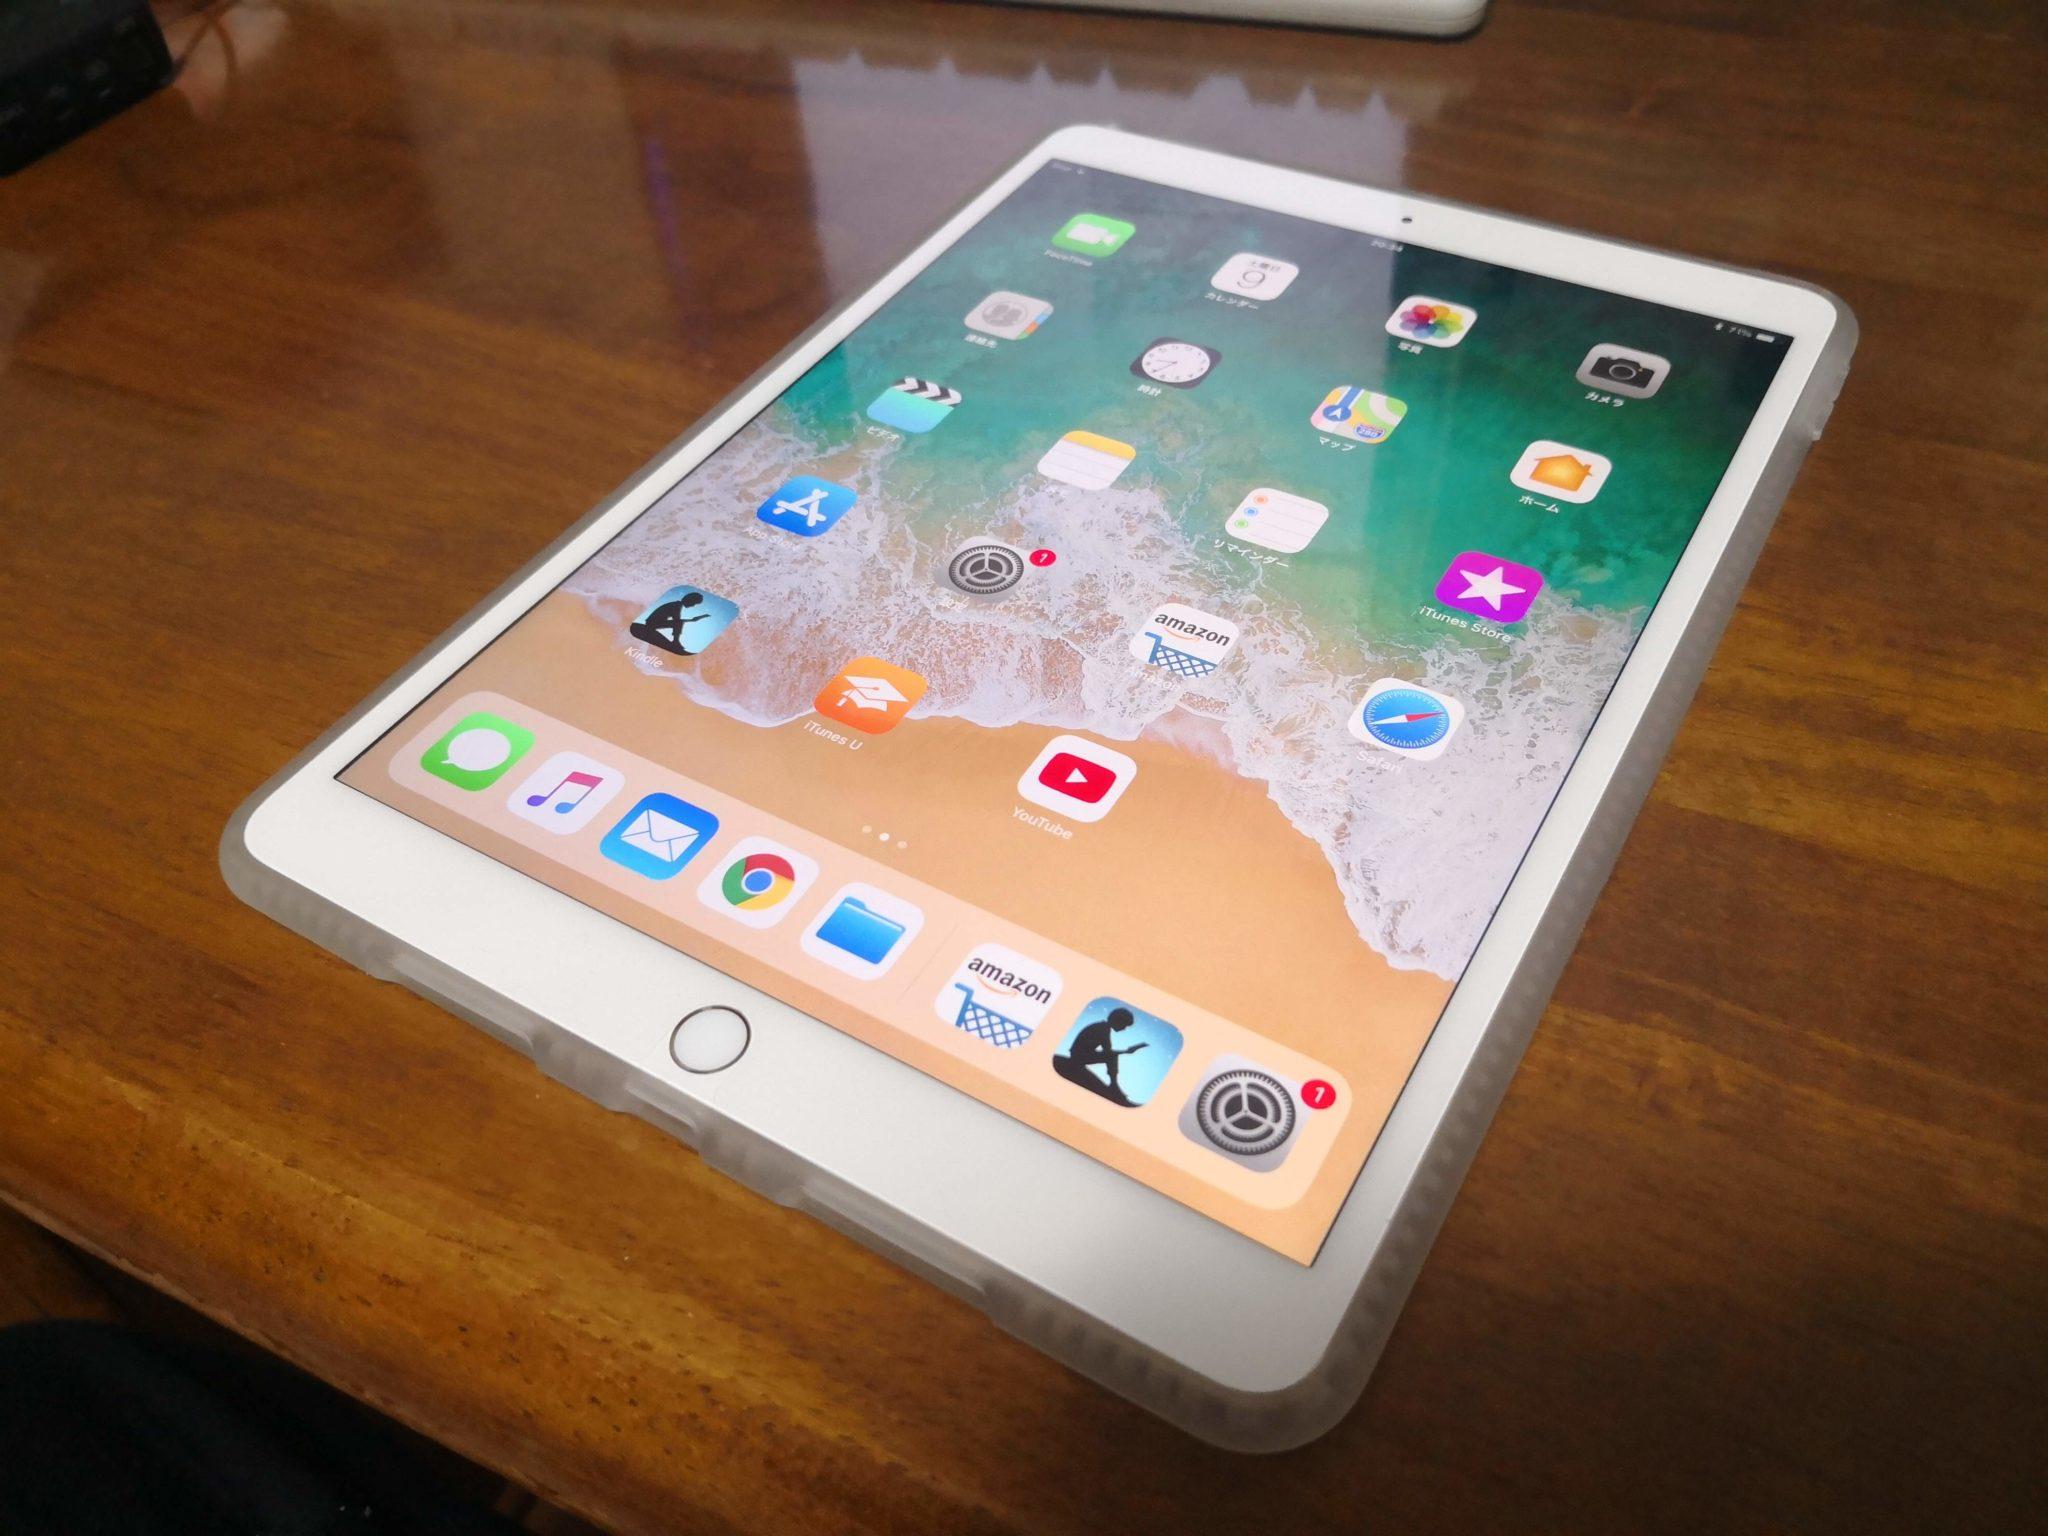 iPad Pro 10.5は電子書籍リーダーとしてどうなのか?目は全く疲れません。問題なく使えます。